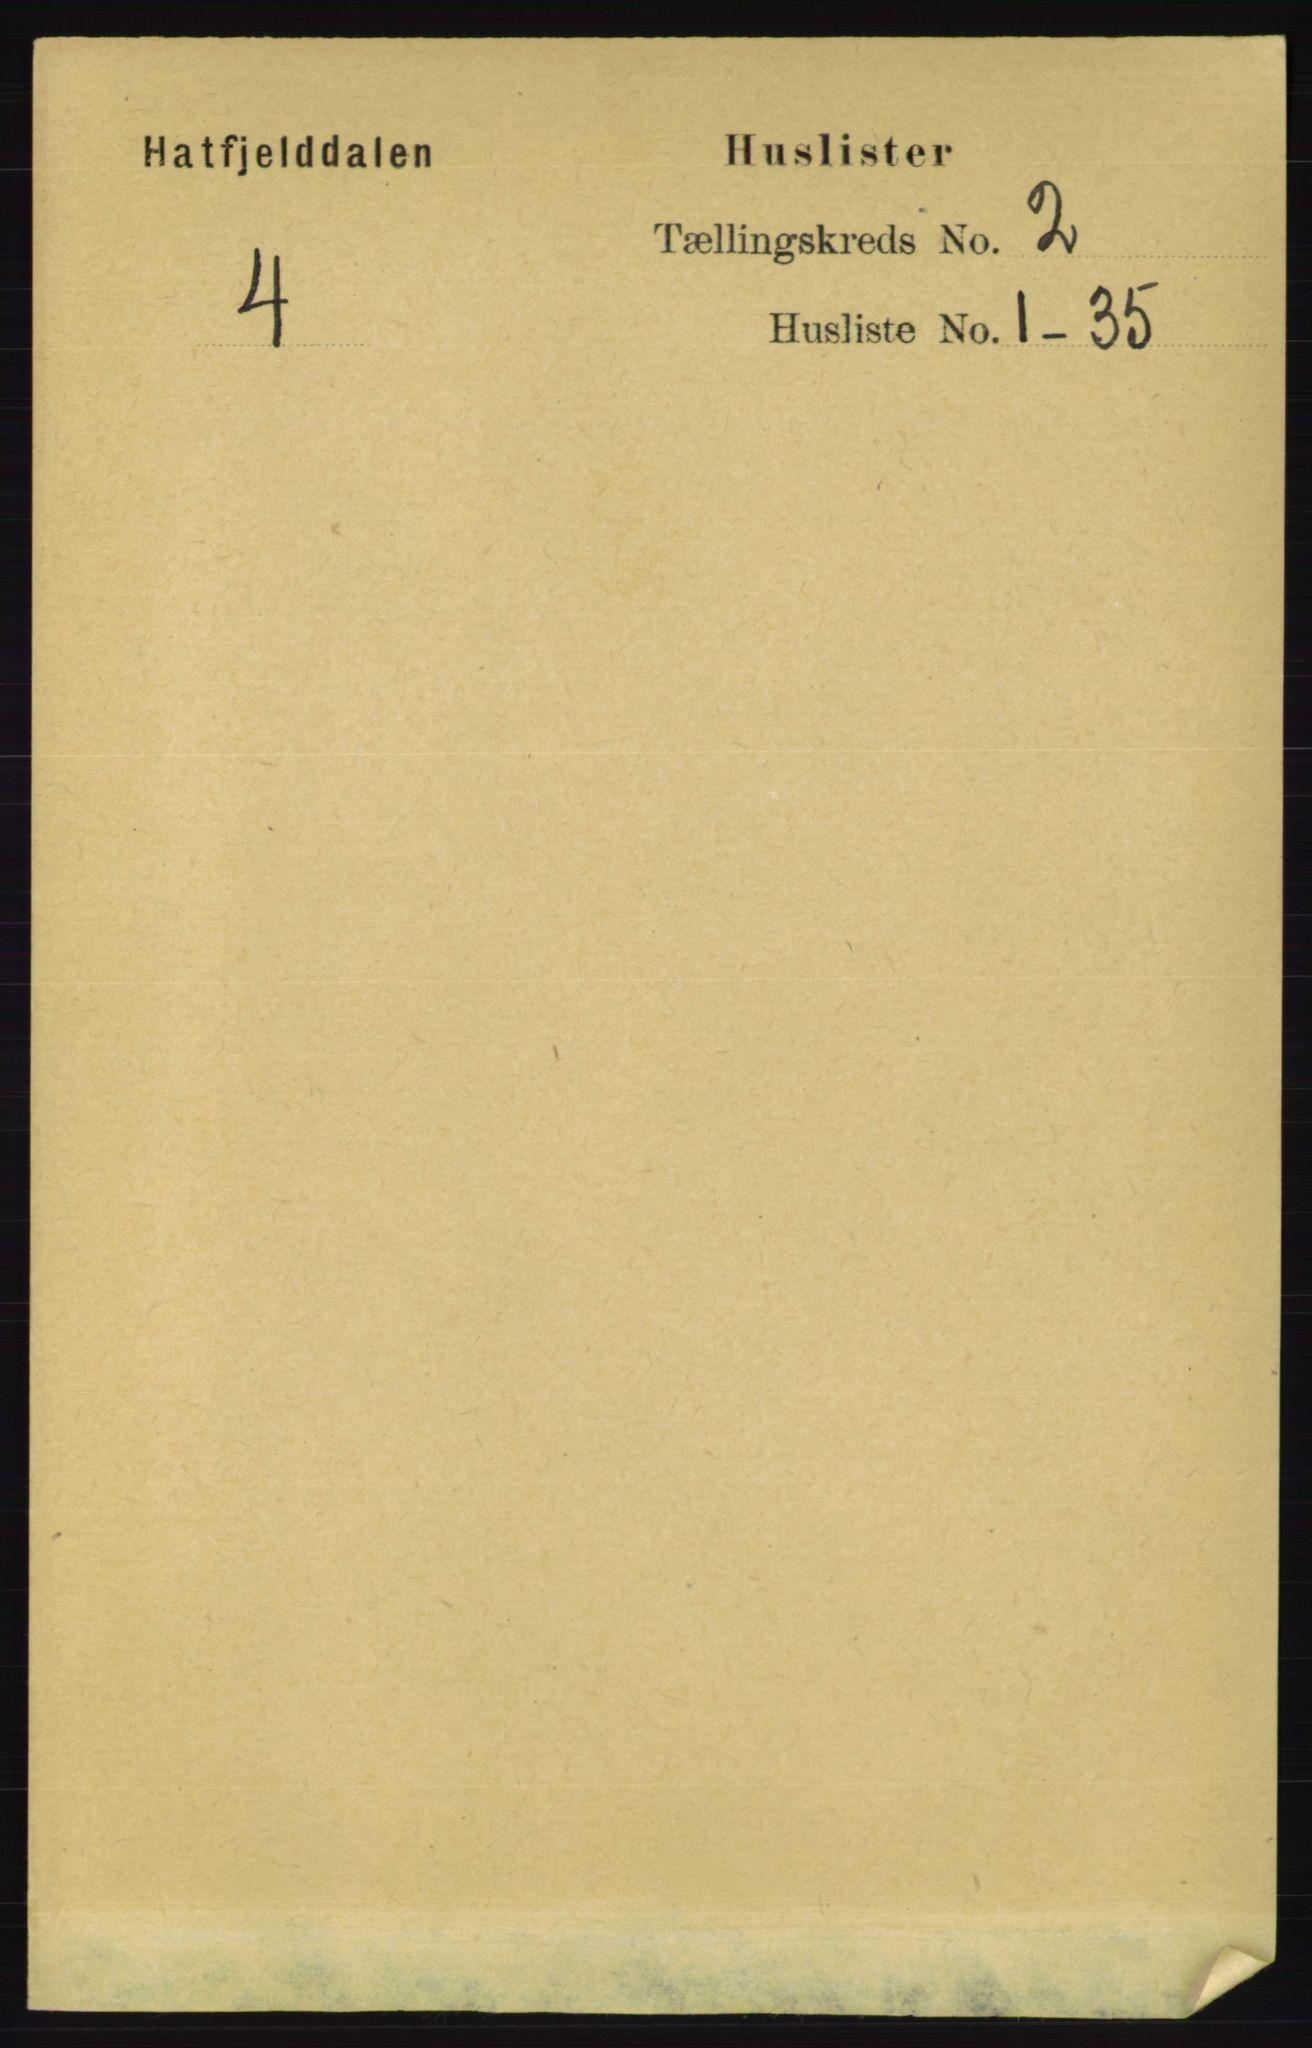 RA, Folketelling 1891 for 1826 Hattfjelldal herred, 1891, s. 250